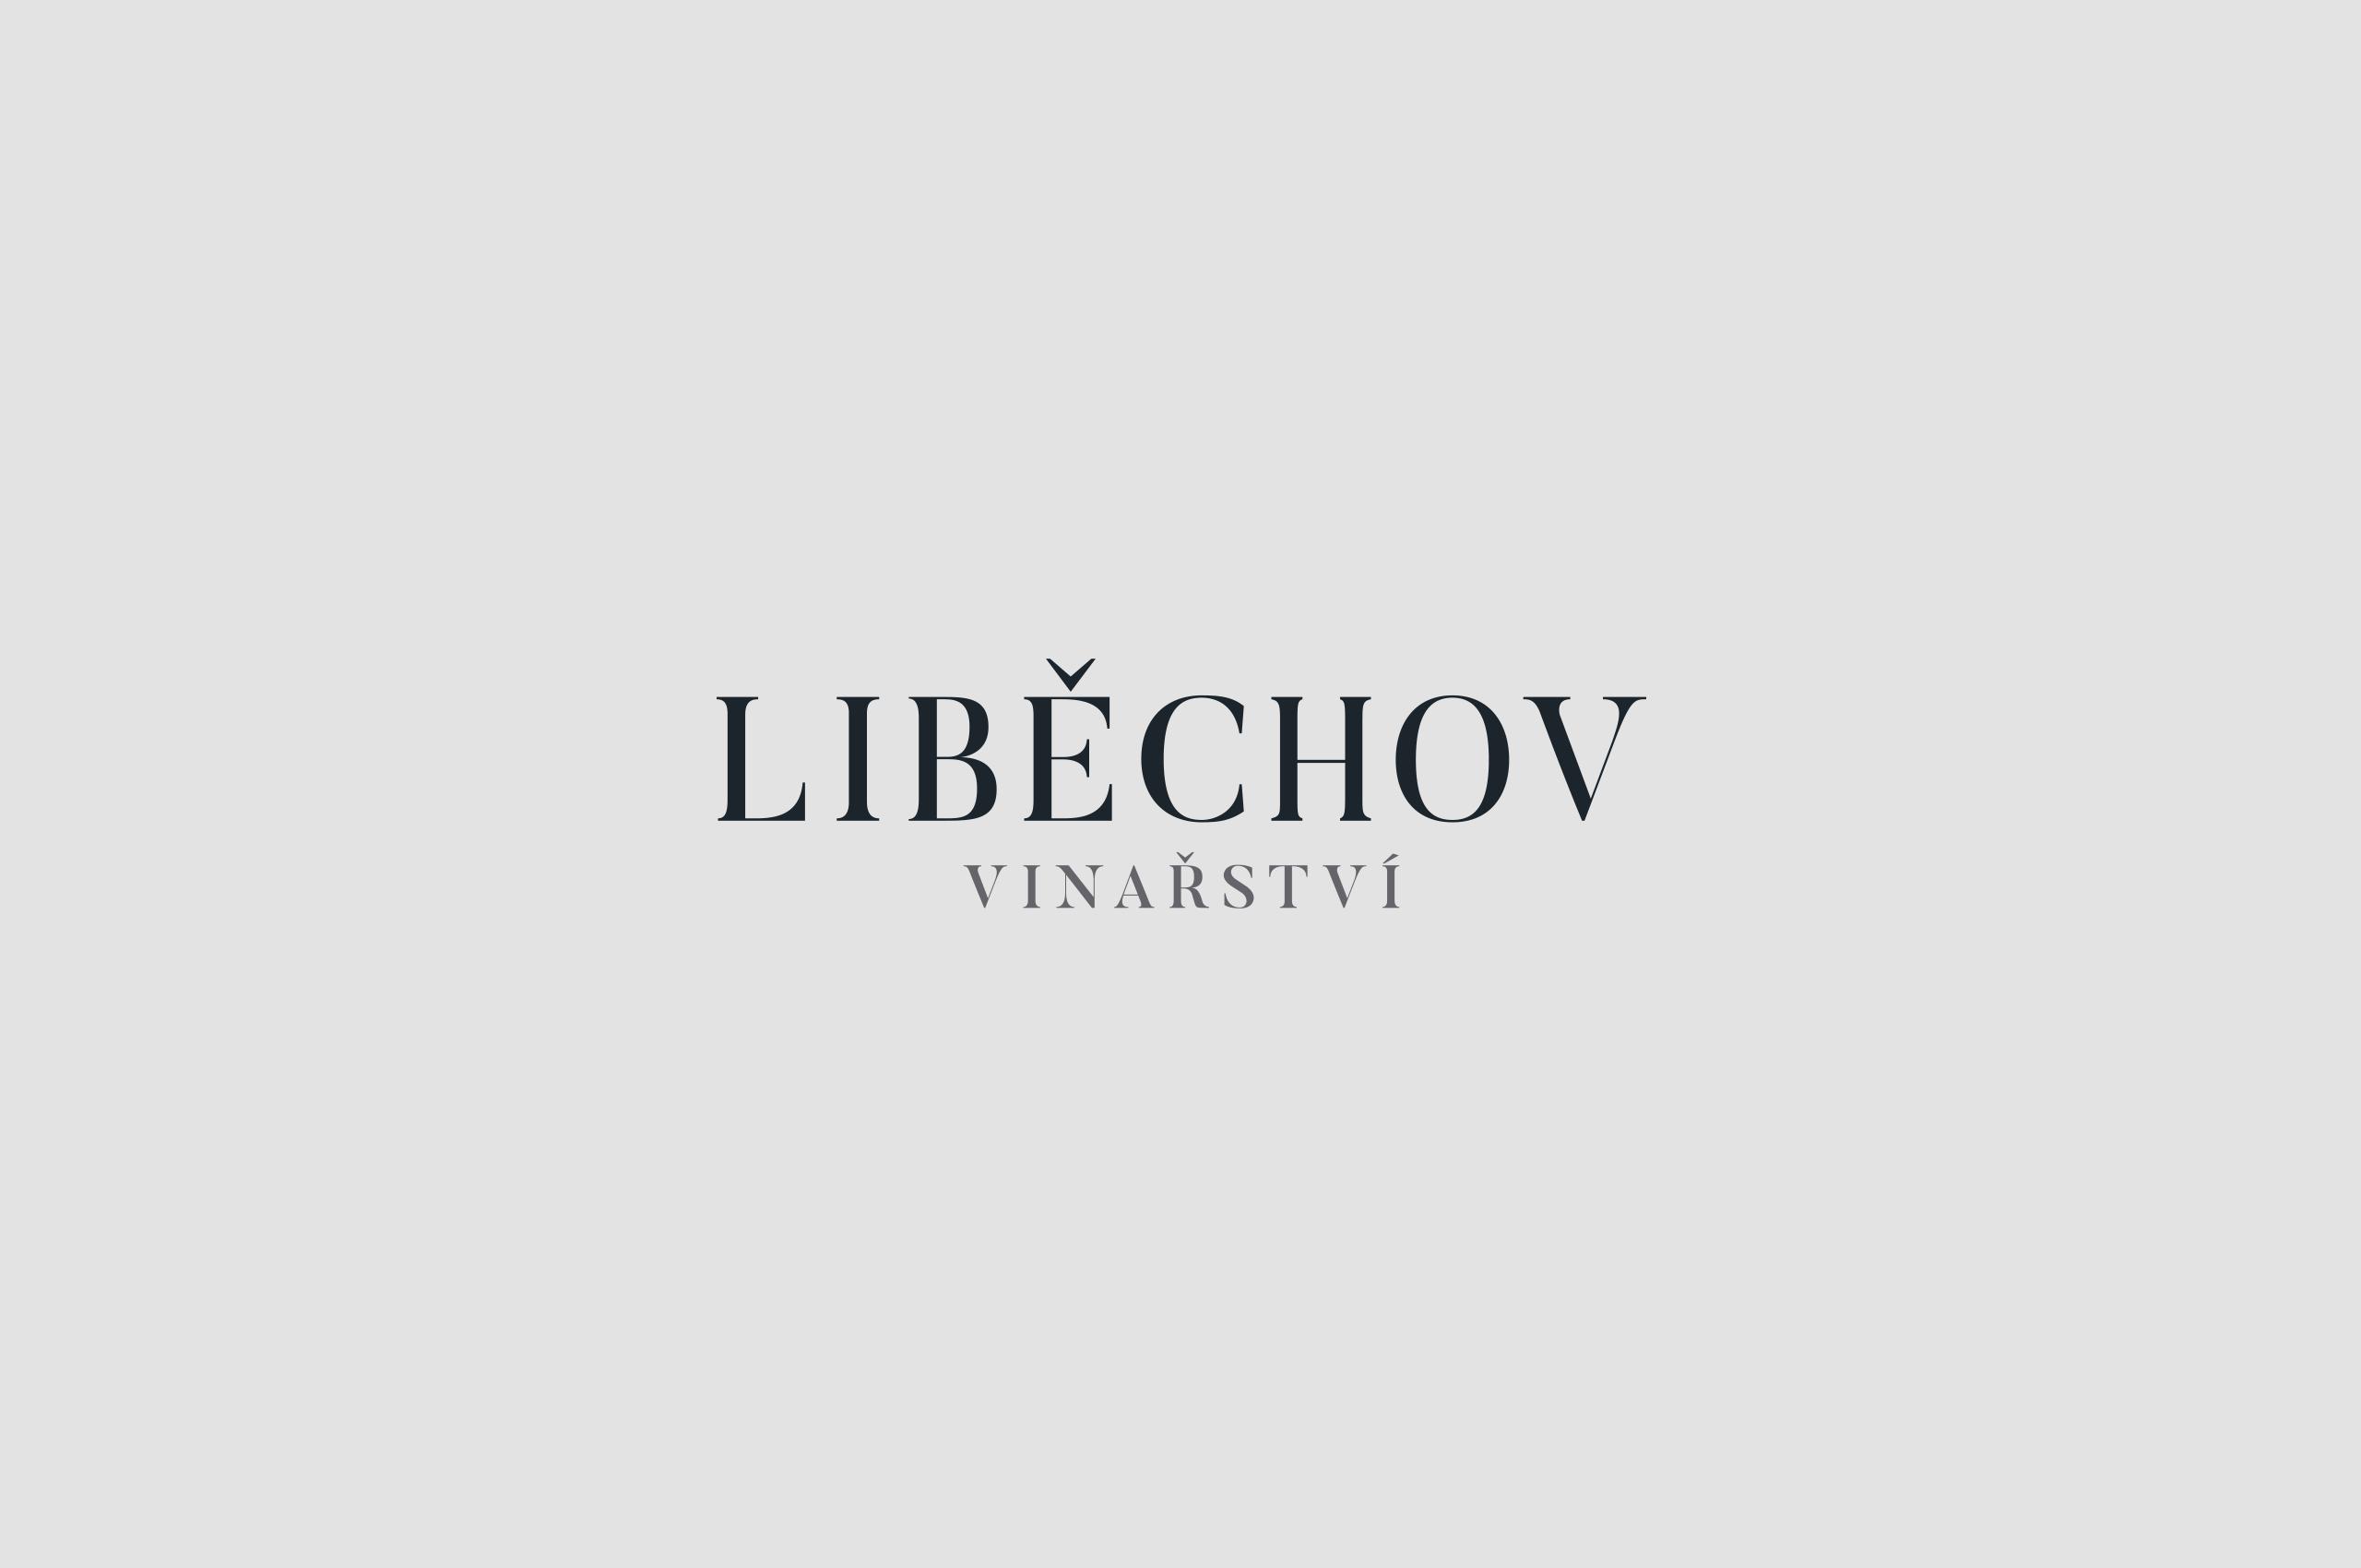 libechov-export-2021-6